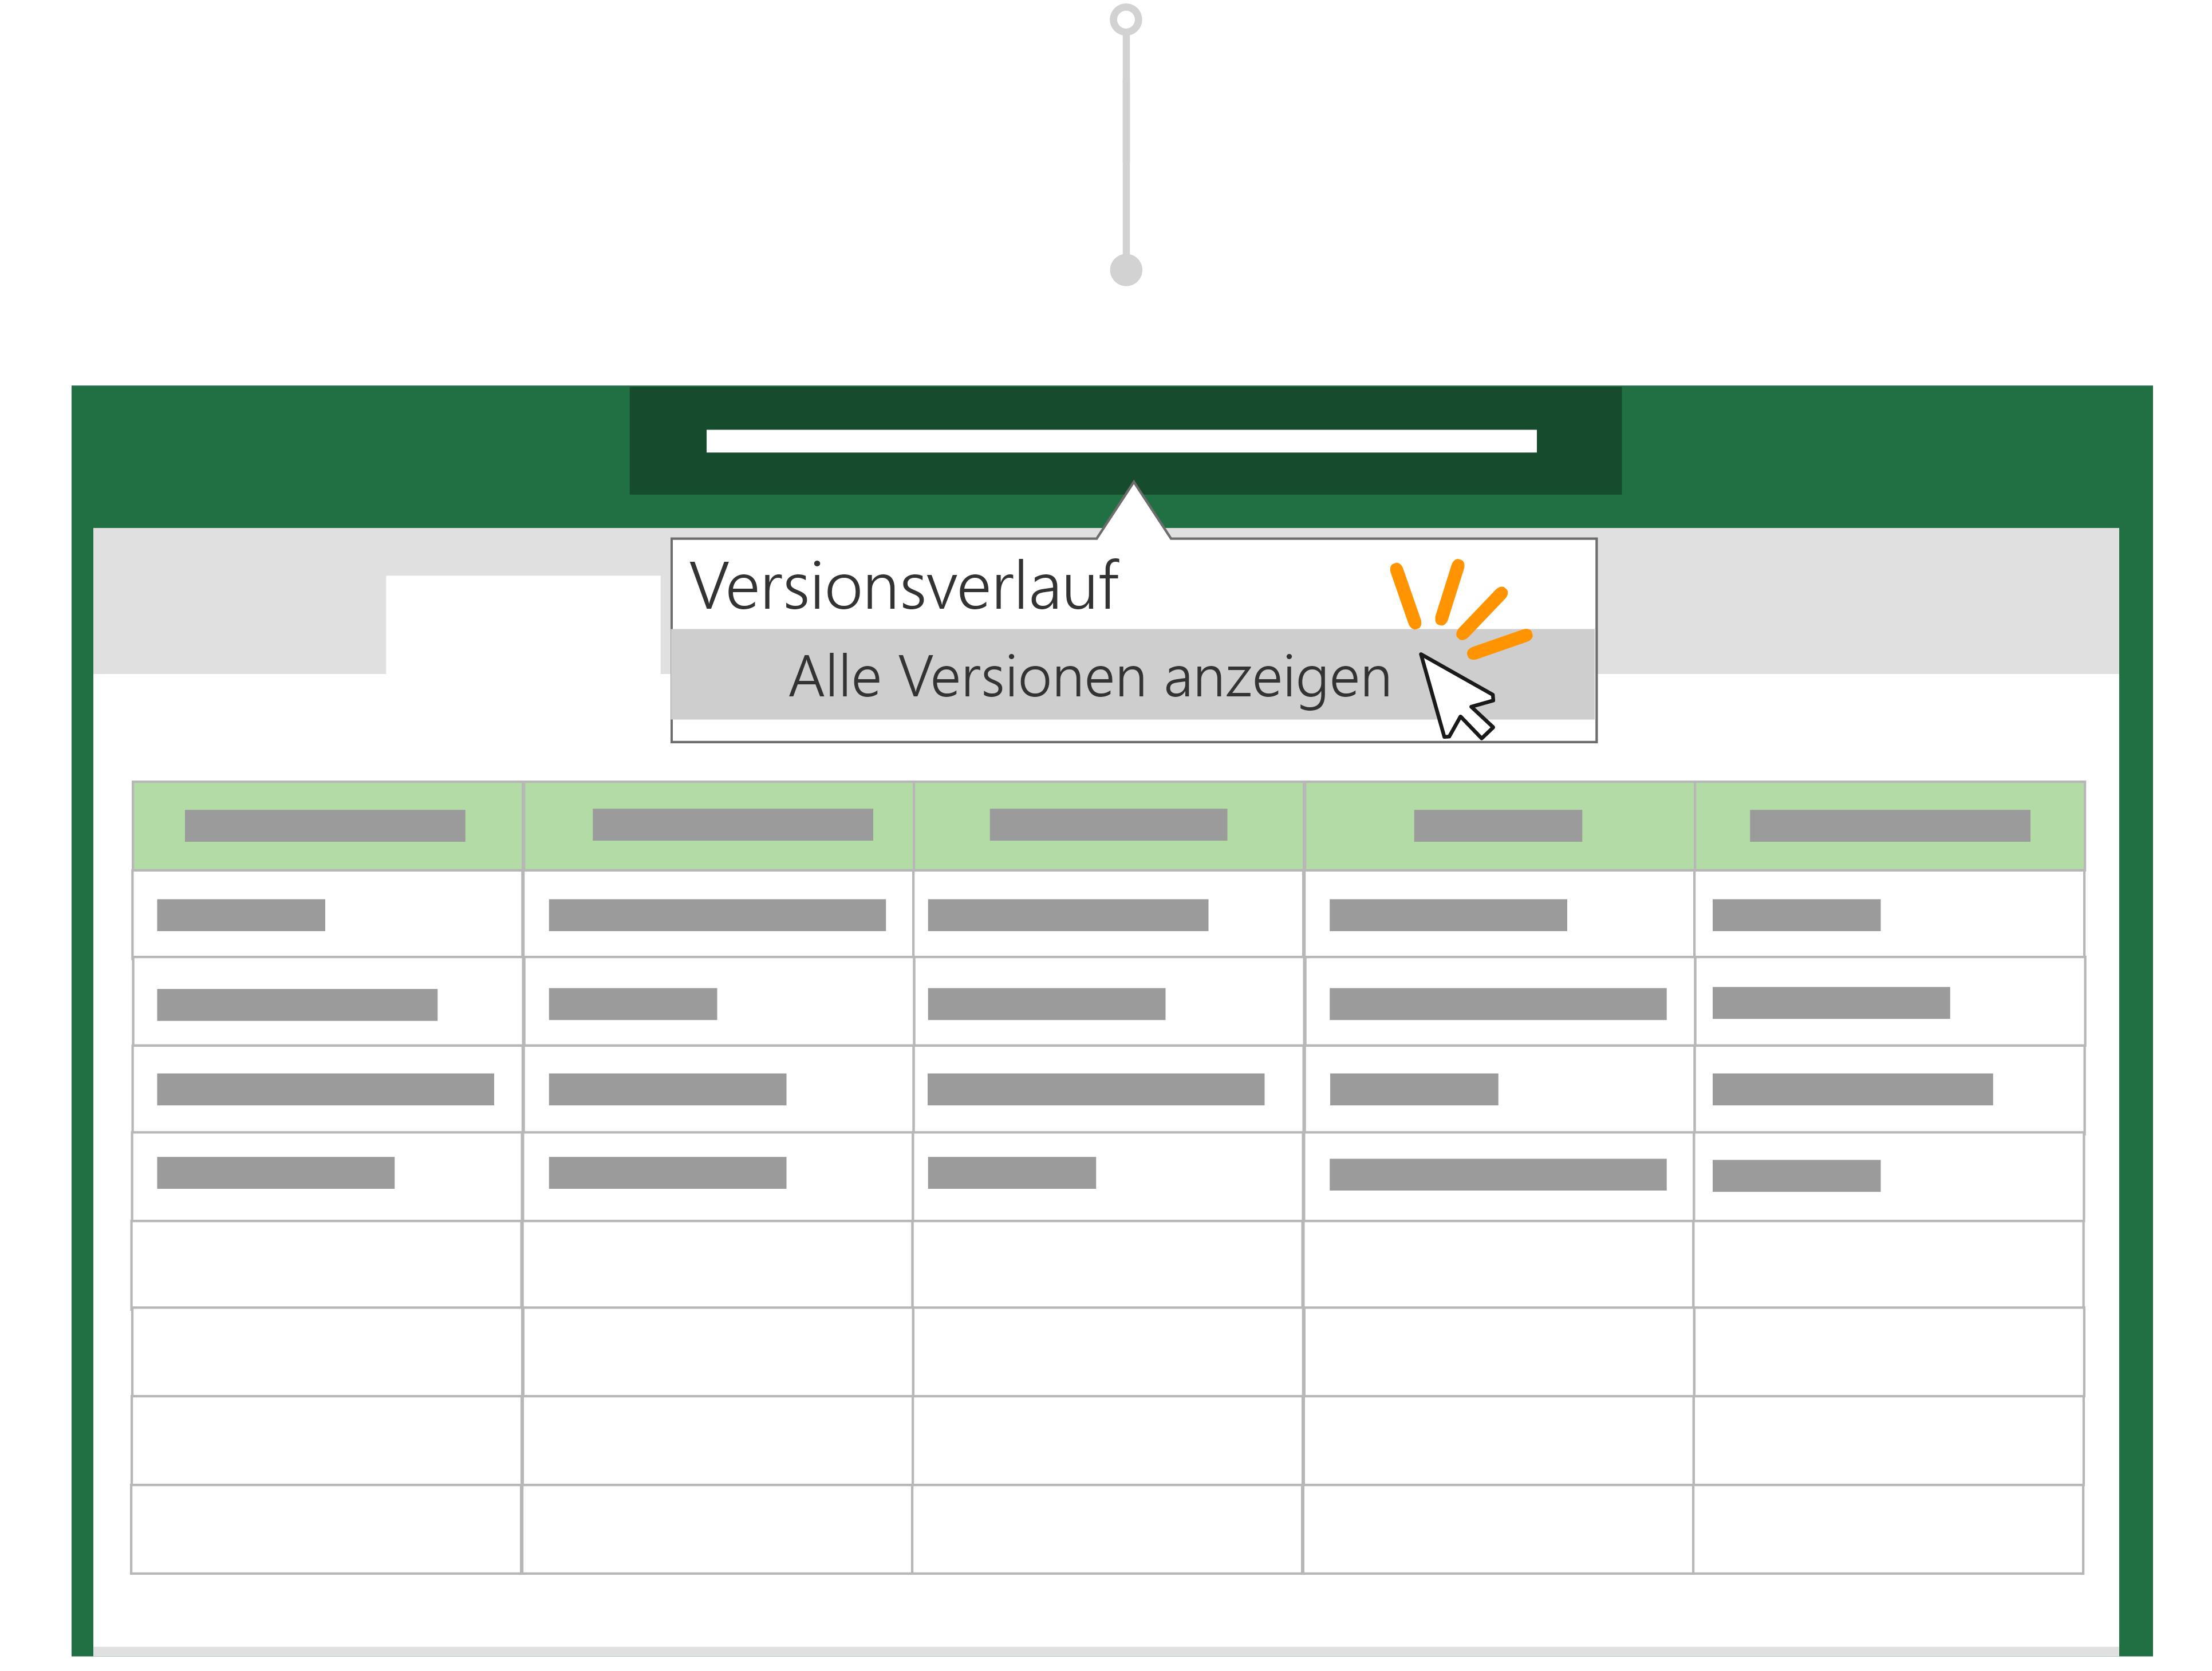 Verwenden Sie den Versionsverlauf, um zu einer früheren Version einer Datei zurückzukehren.